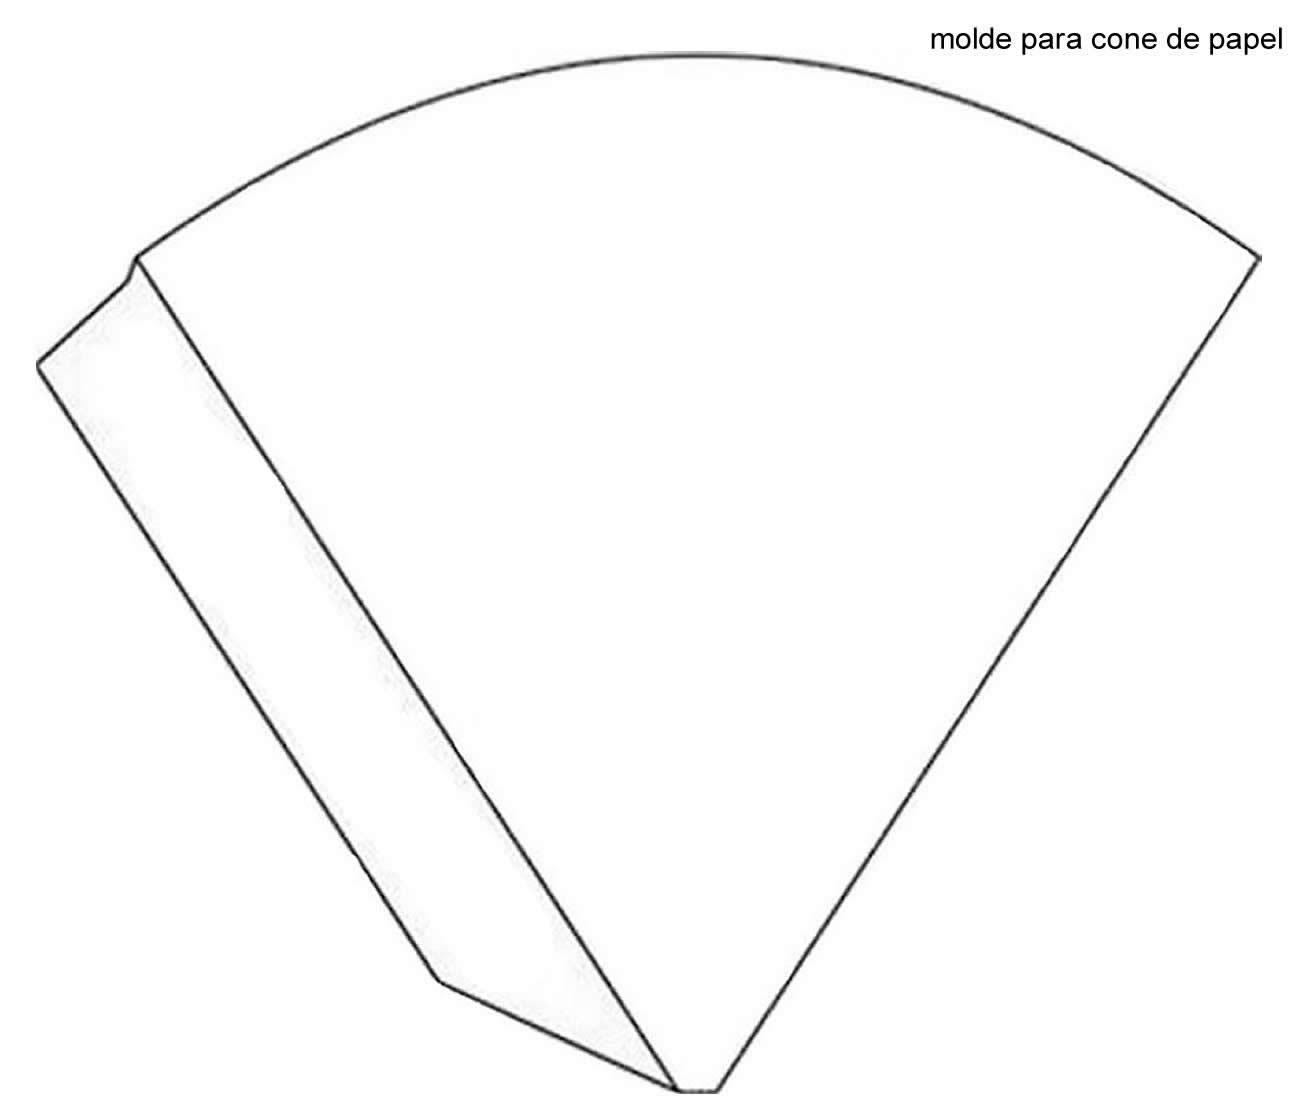 Molde de cone de papel